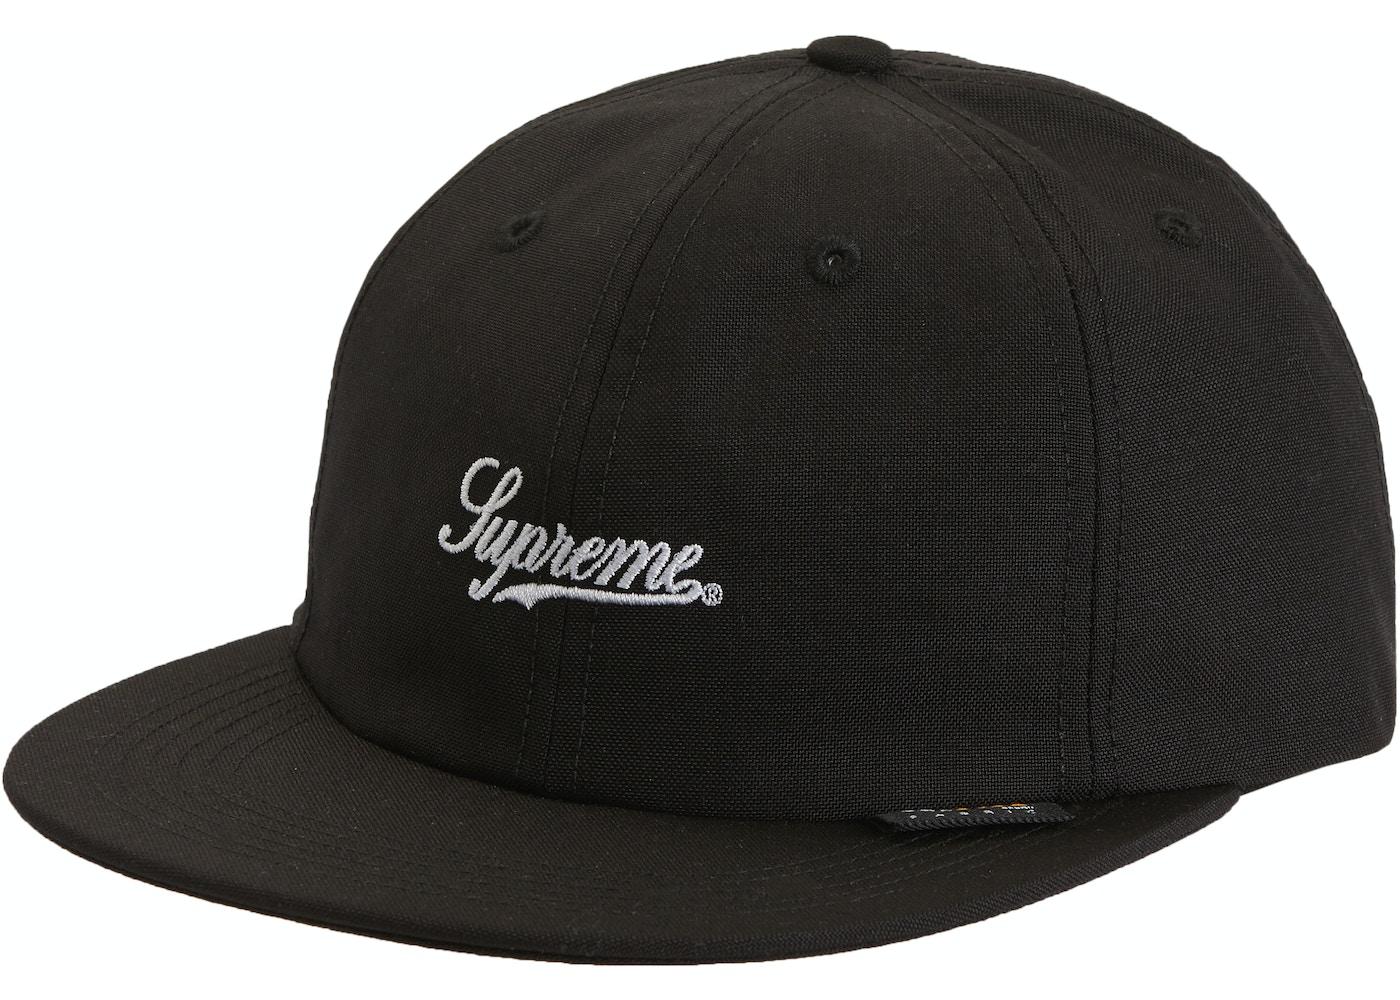 762a68a3 Supreme Headwear - Buy & Sell Streetwear